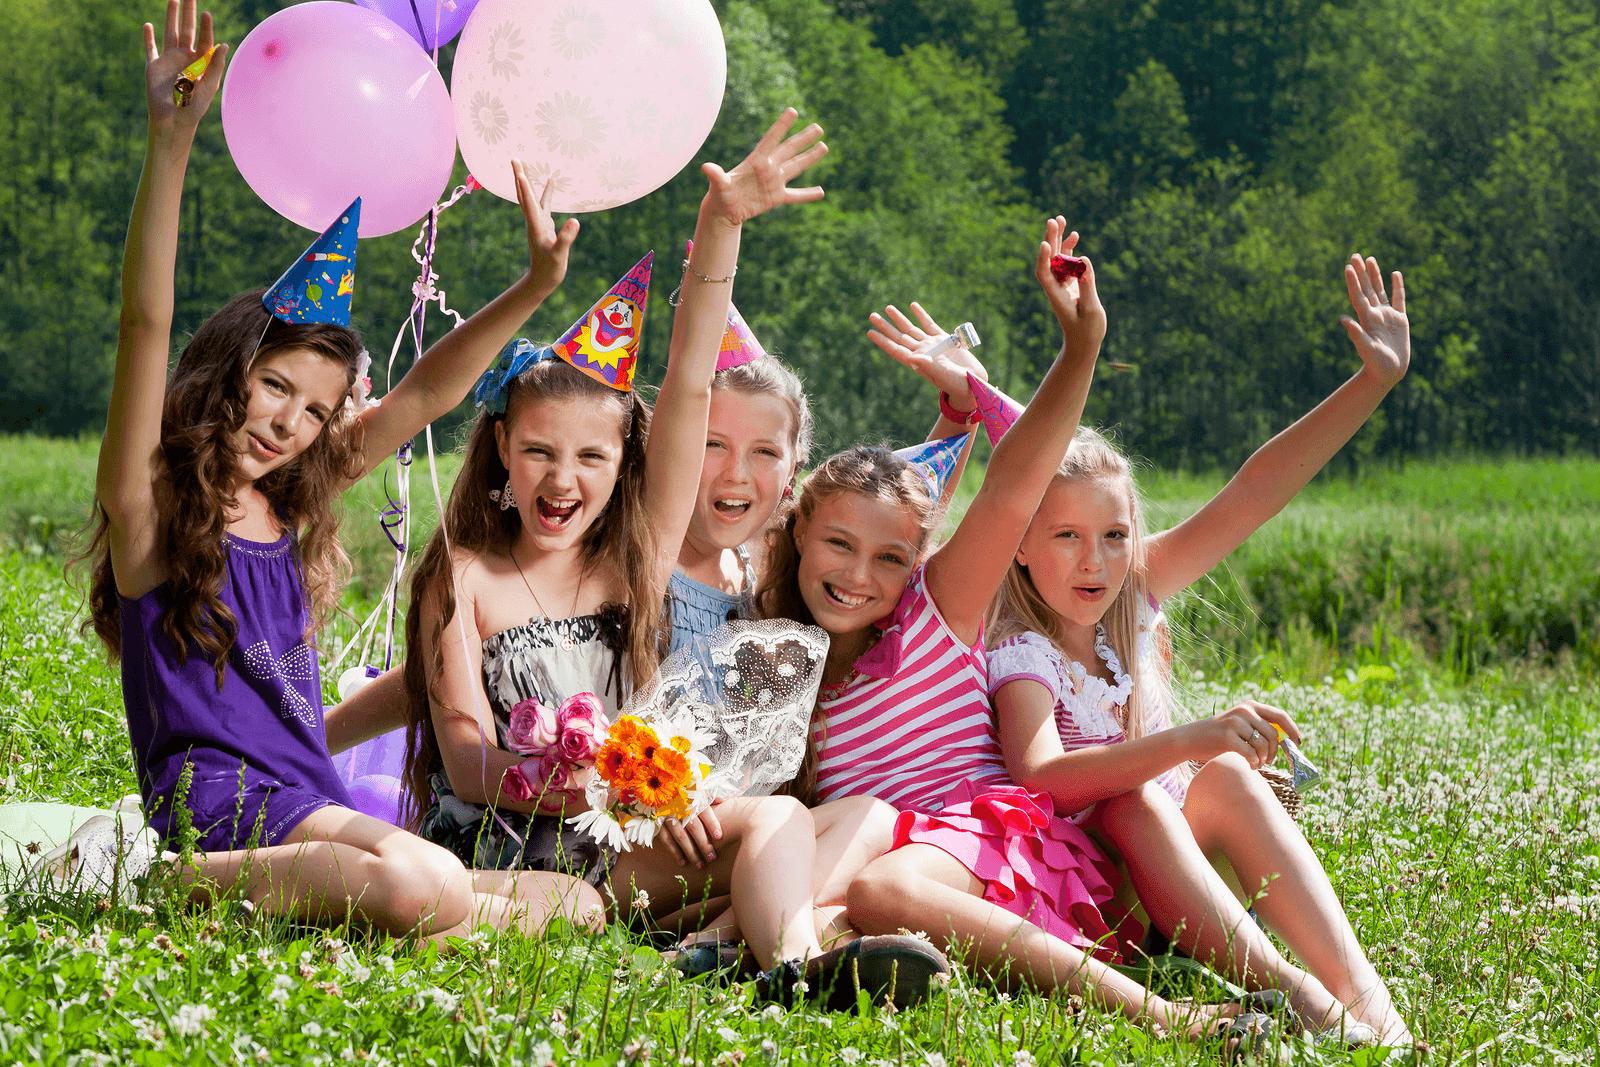 Конкурсы для дня рождения на природе для детей и взрослых